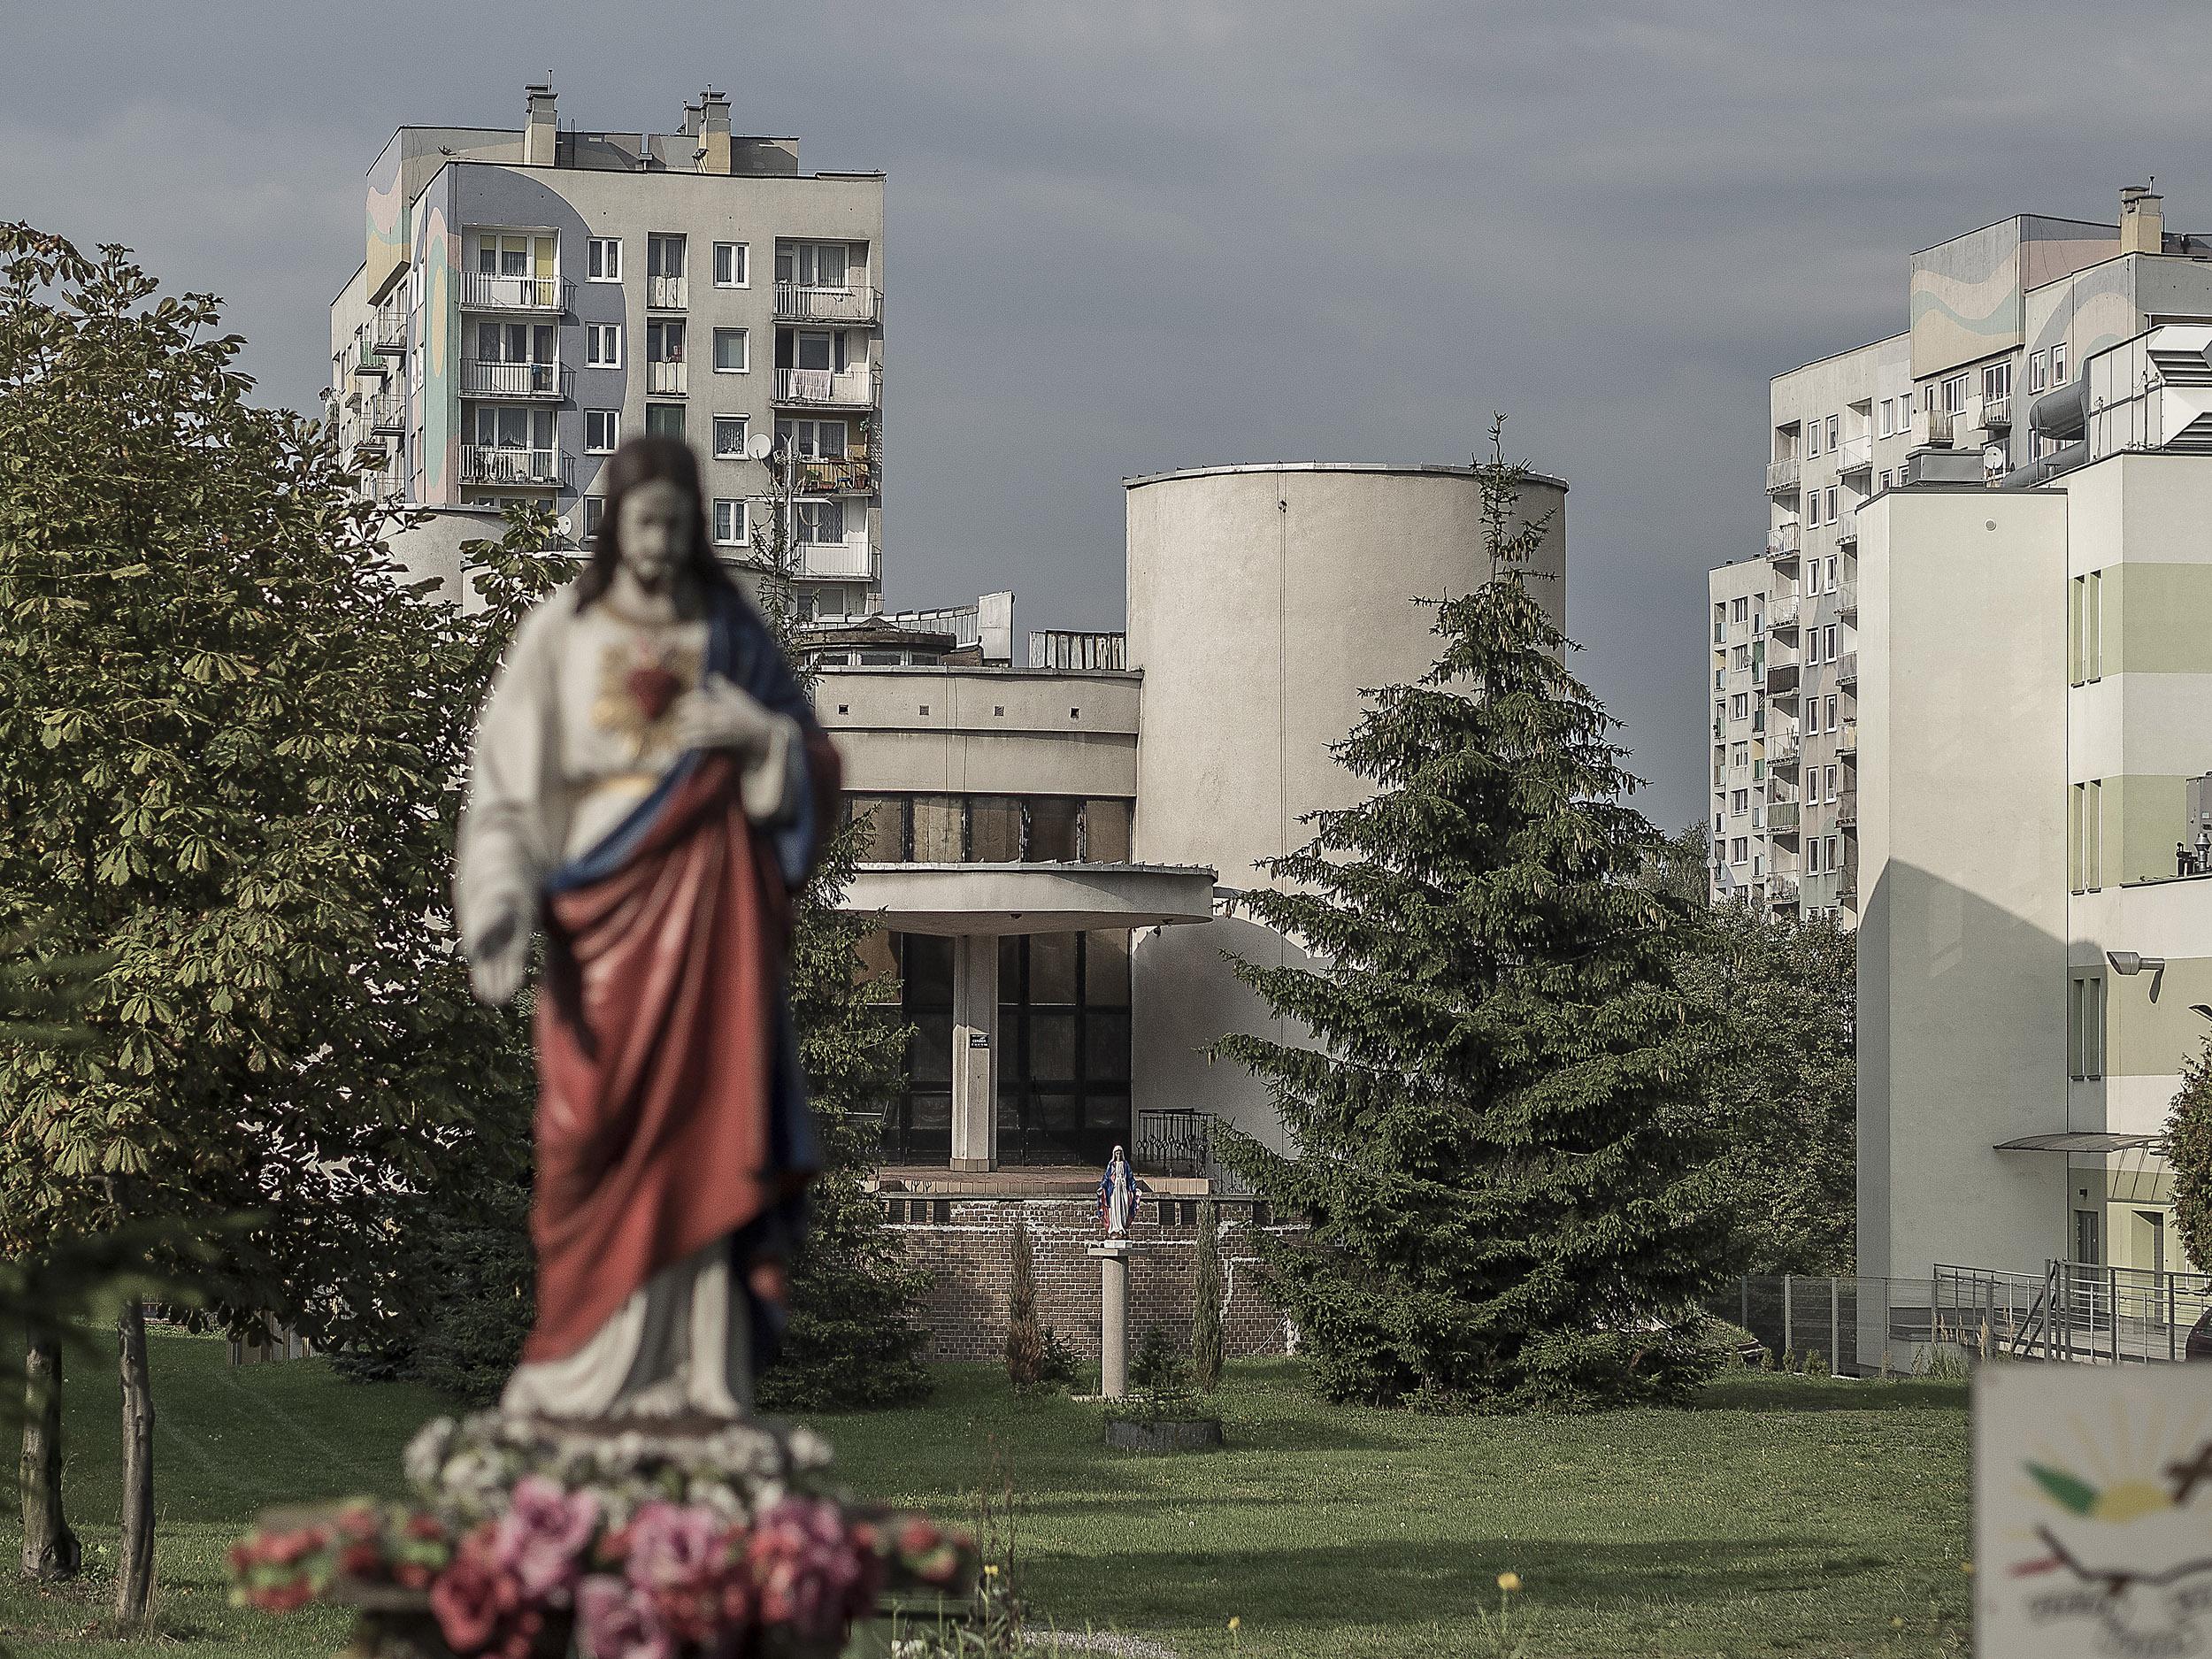 Mało kto wie, że Częstochowa ma dwie katedry (fot. Filip Springer)